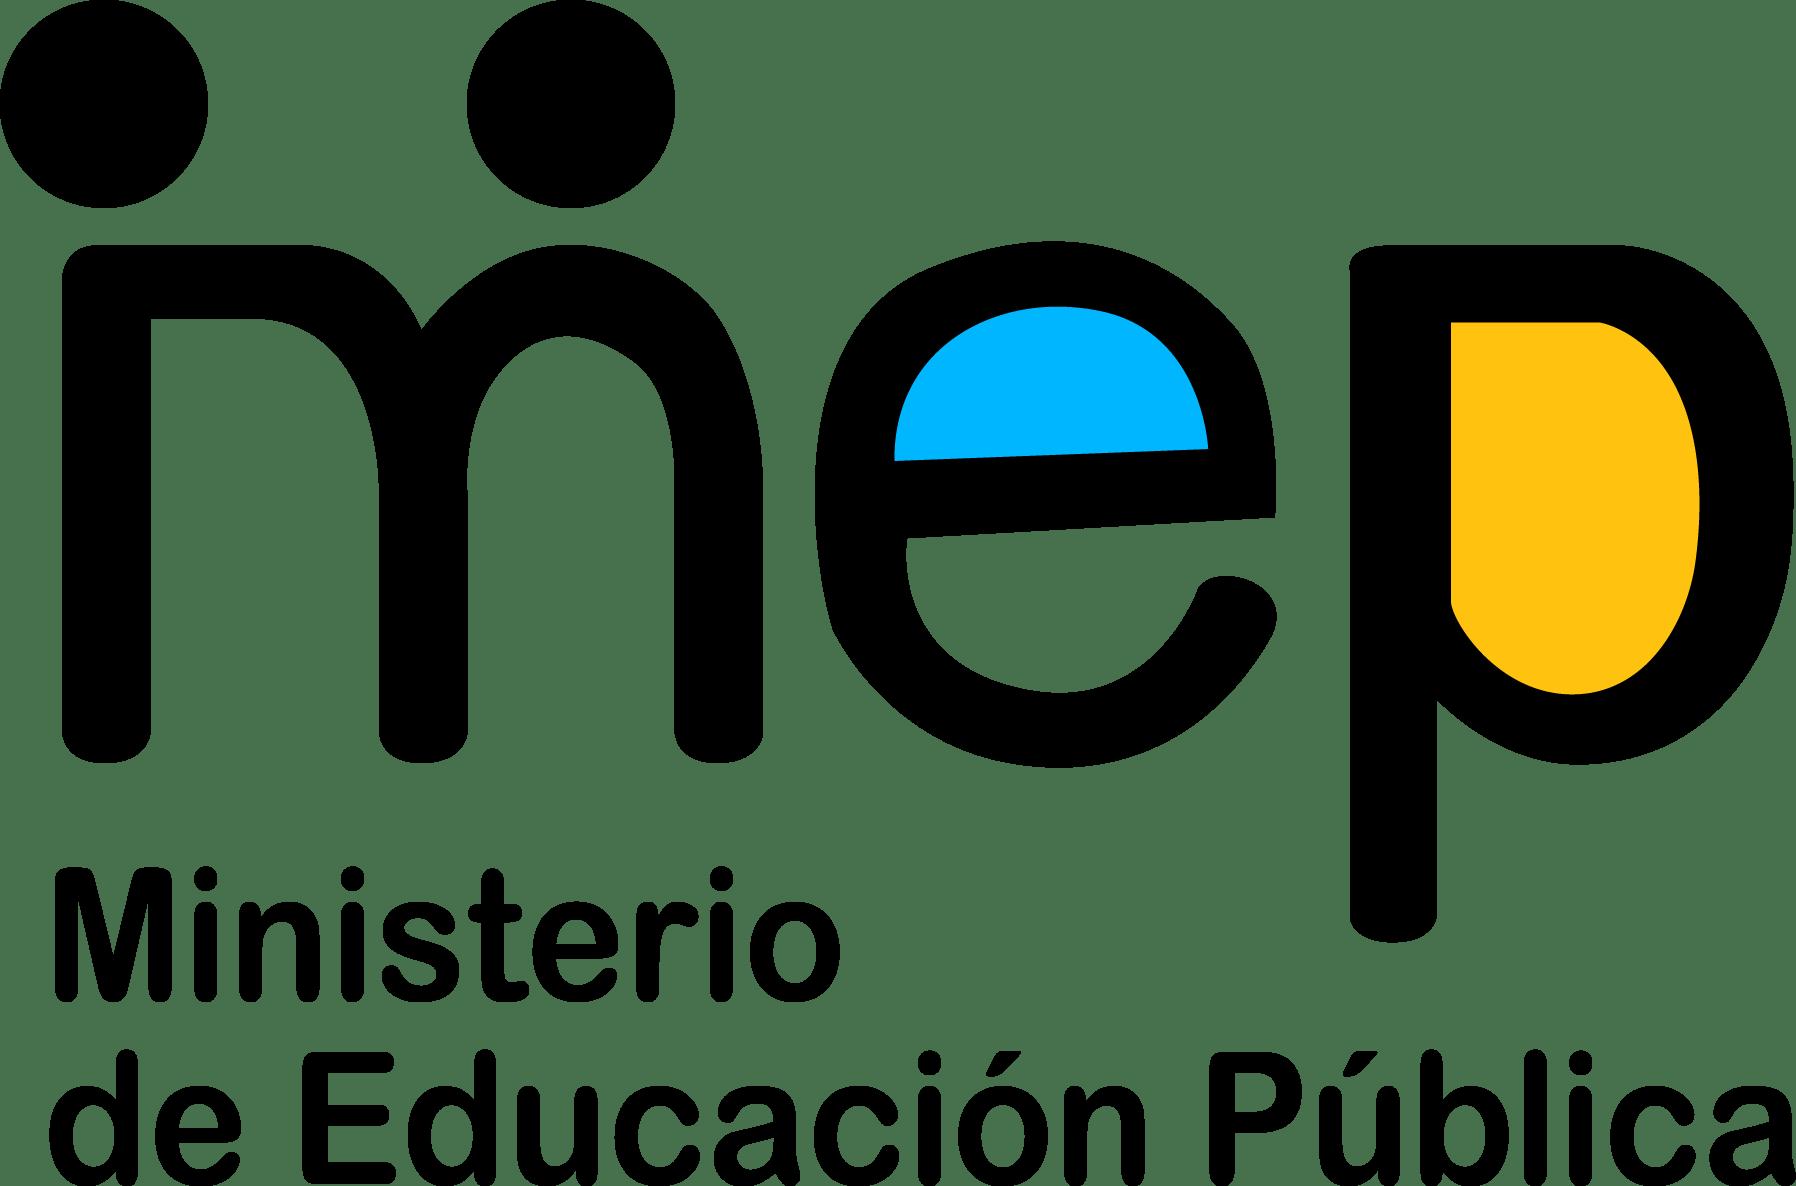 Ministerio de Educación Pública (Costa Rica) - Wikipedia, la ...